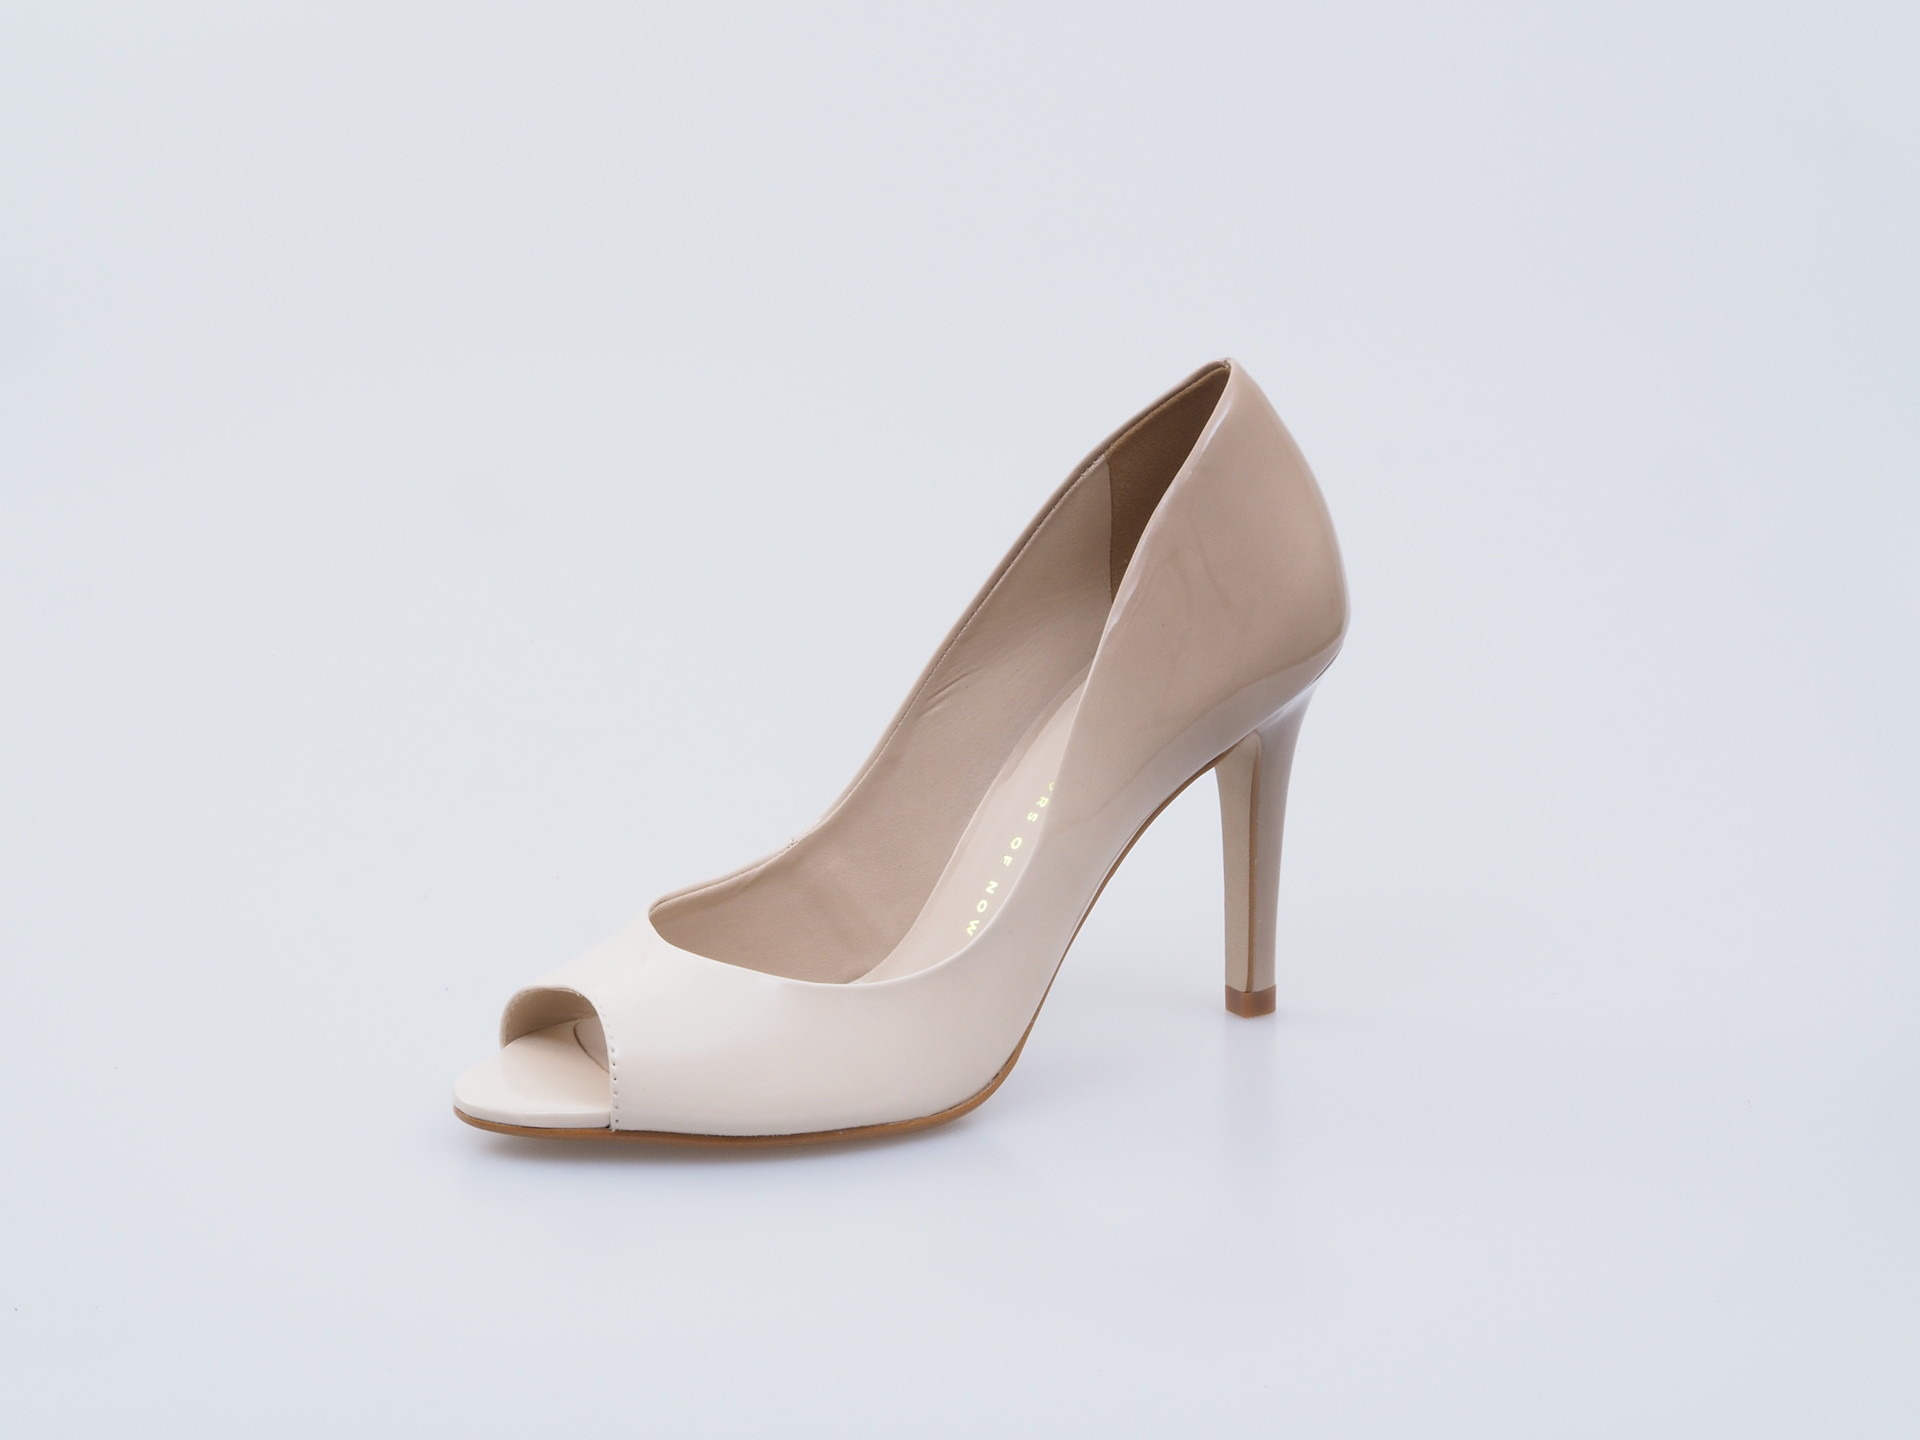 c6d2312884 Soňa - Dámska obuv - Lodičky - Bronx dámska spoločenská obuv biela káva